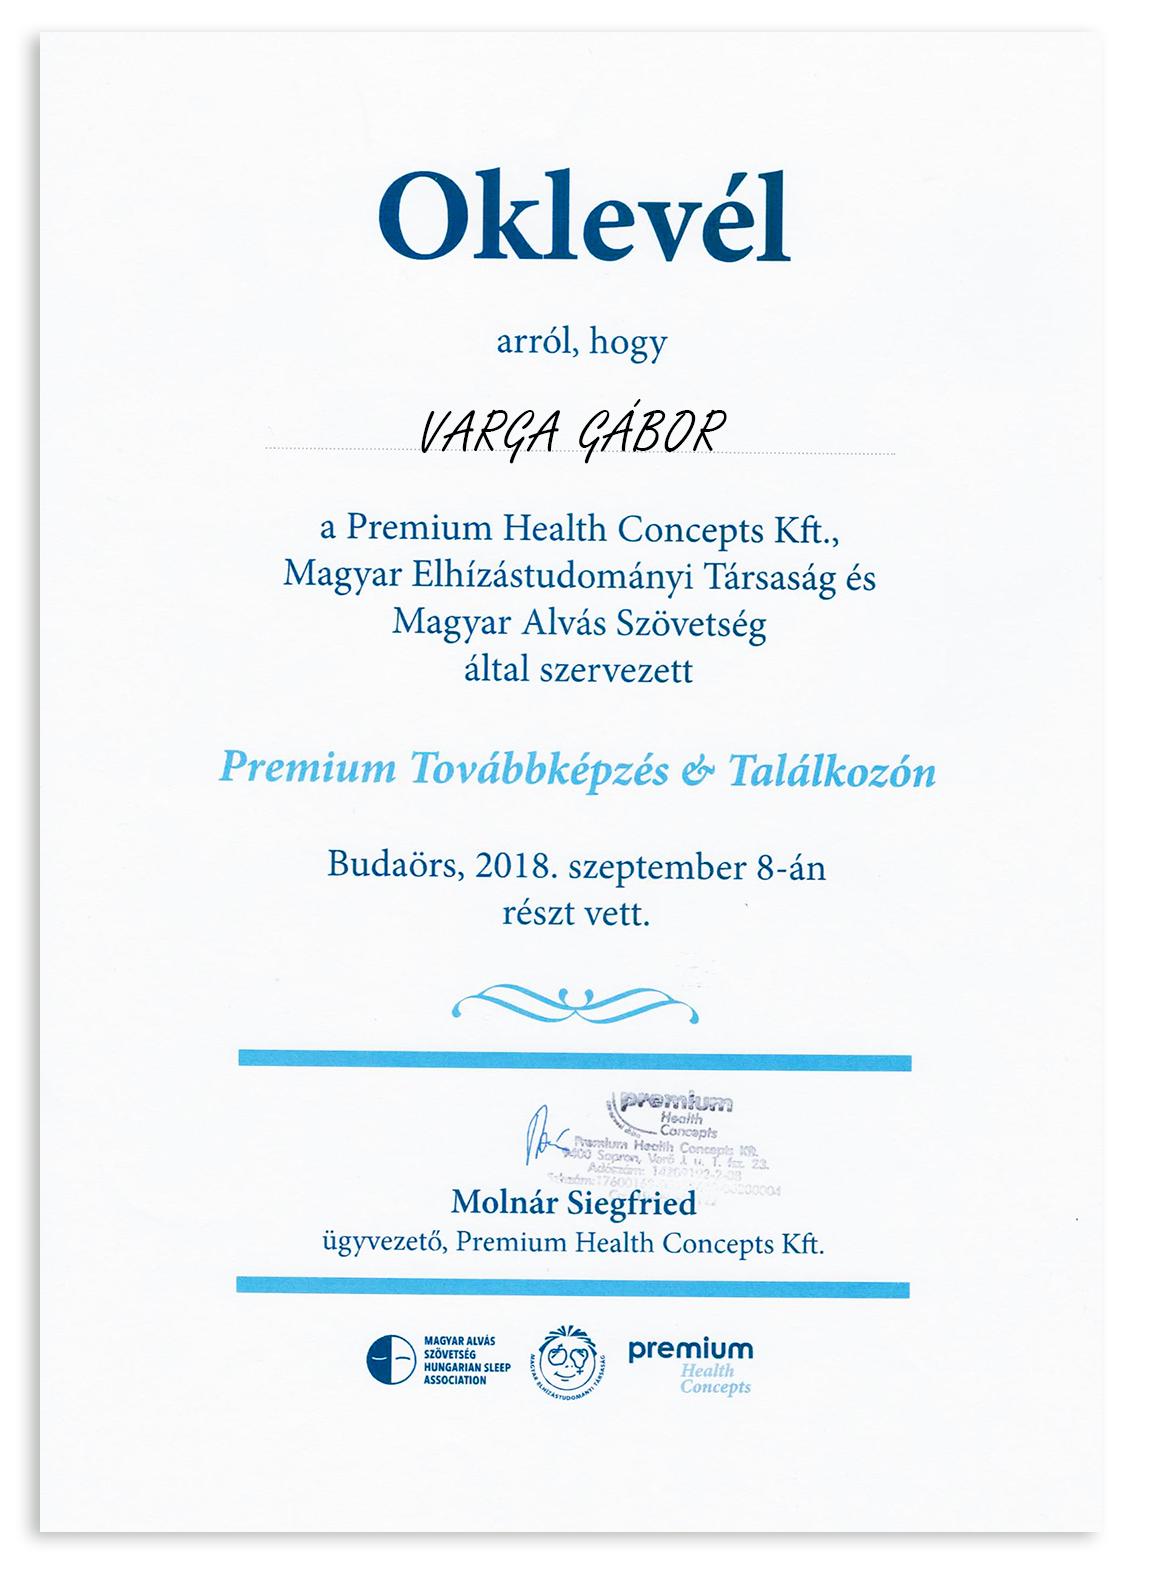 Premium Diet konferencia - Varga Gábor